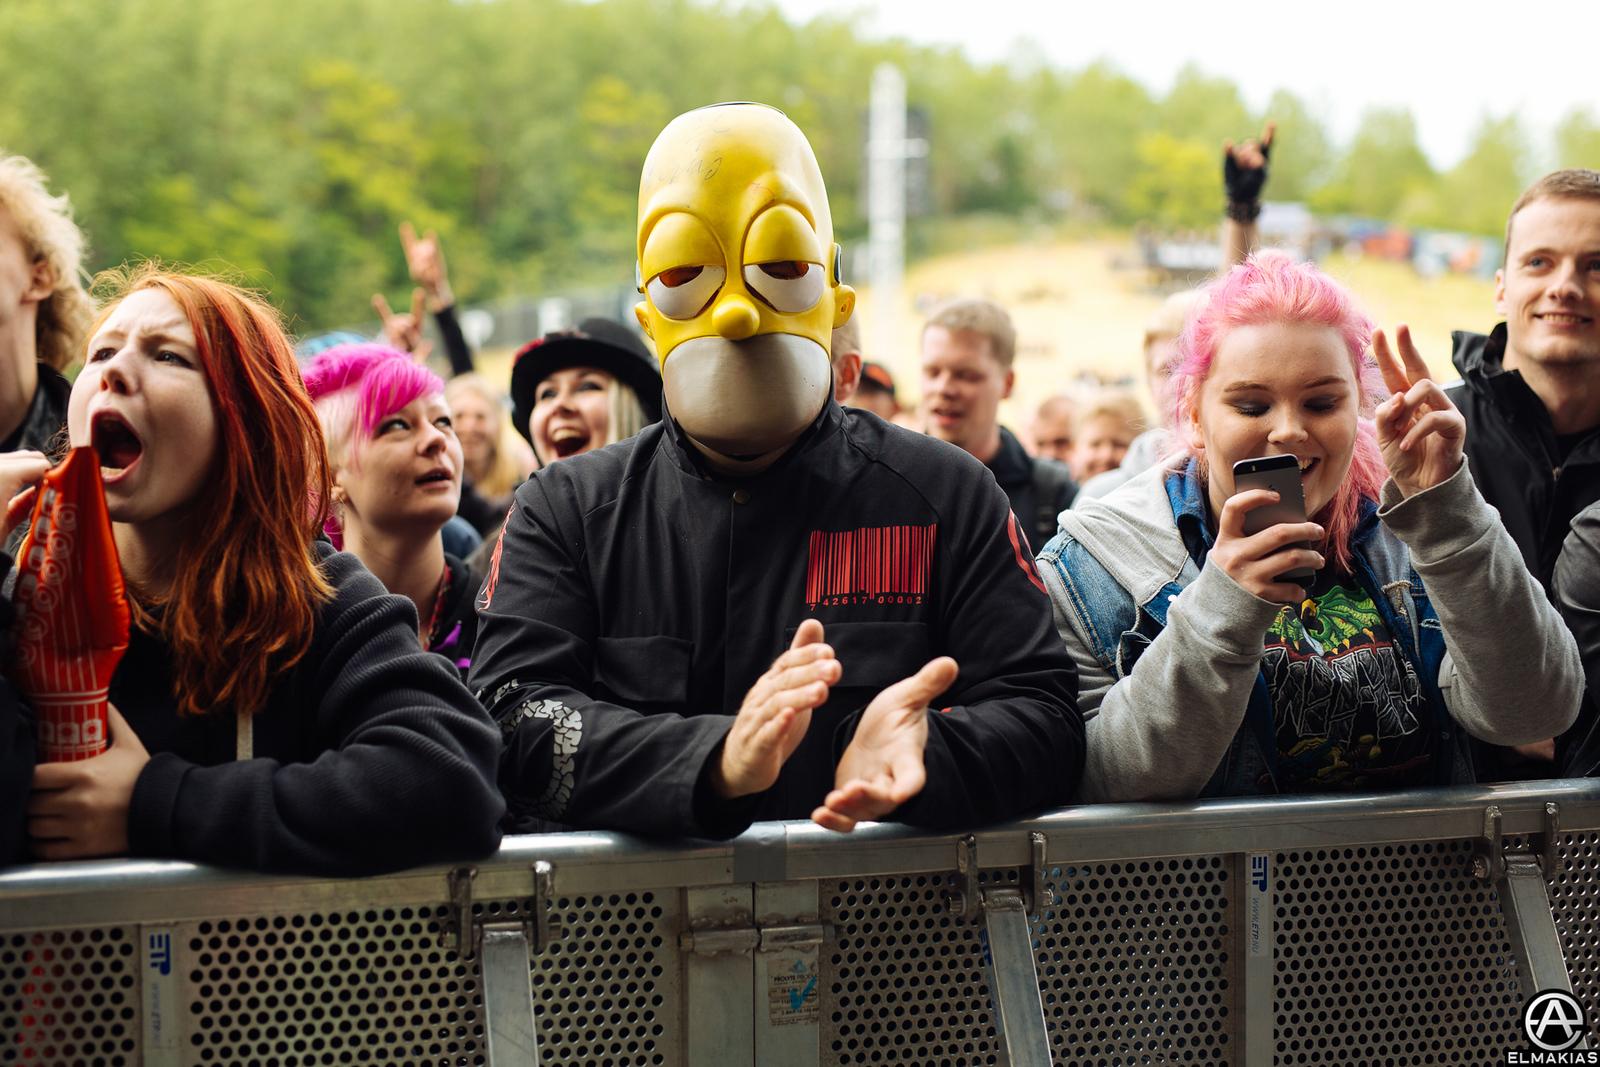 Newest member of Slipknot at Copenhell in Copenhagen, Denmark - European Festivals